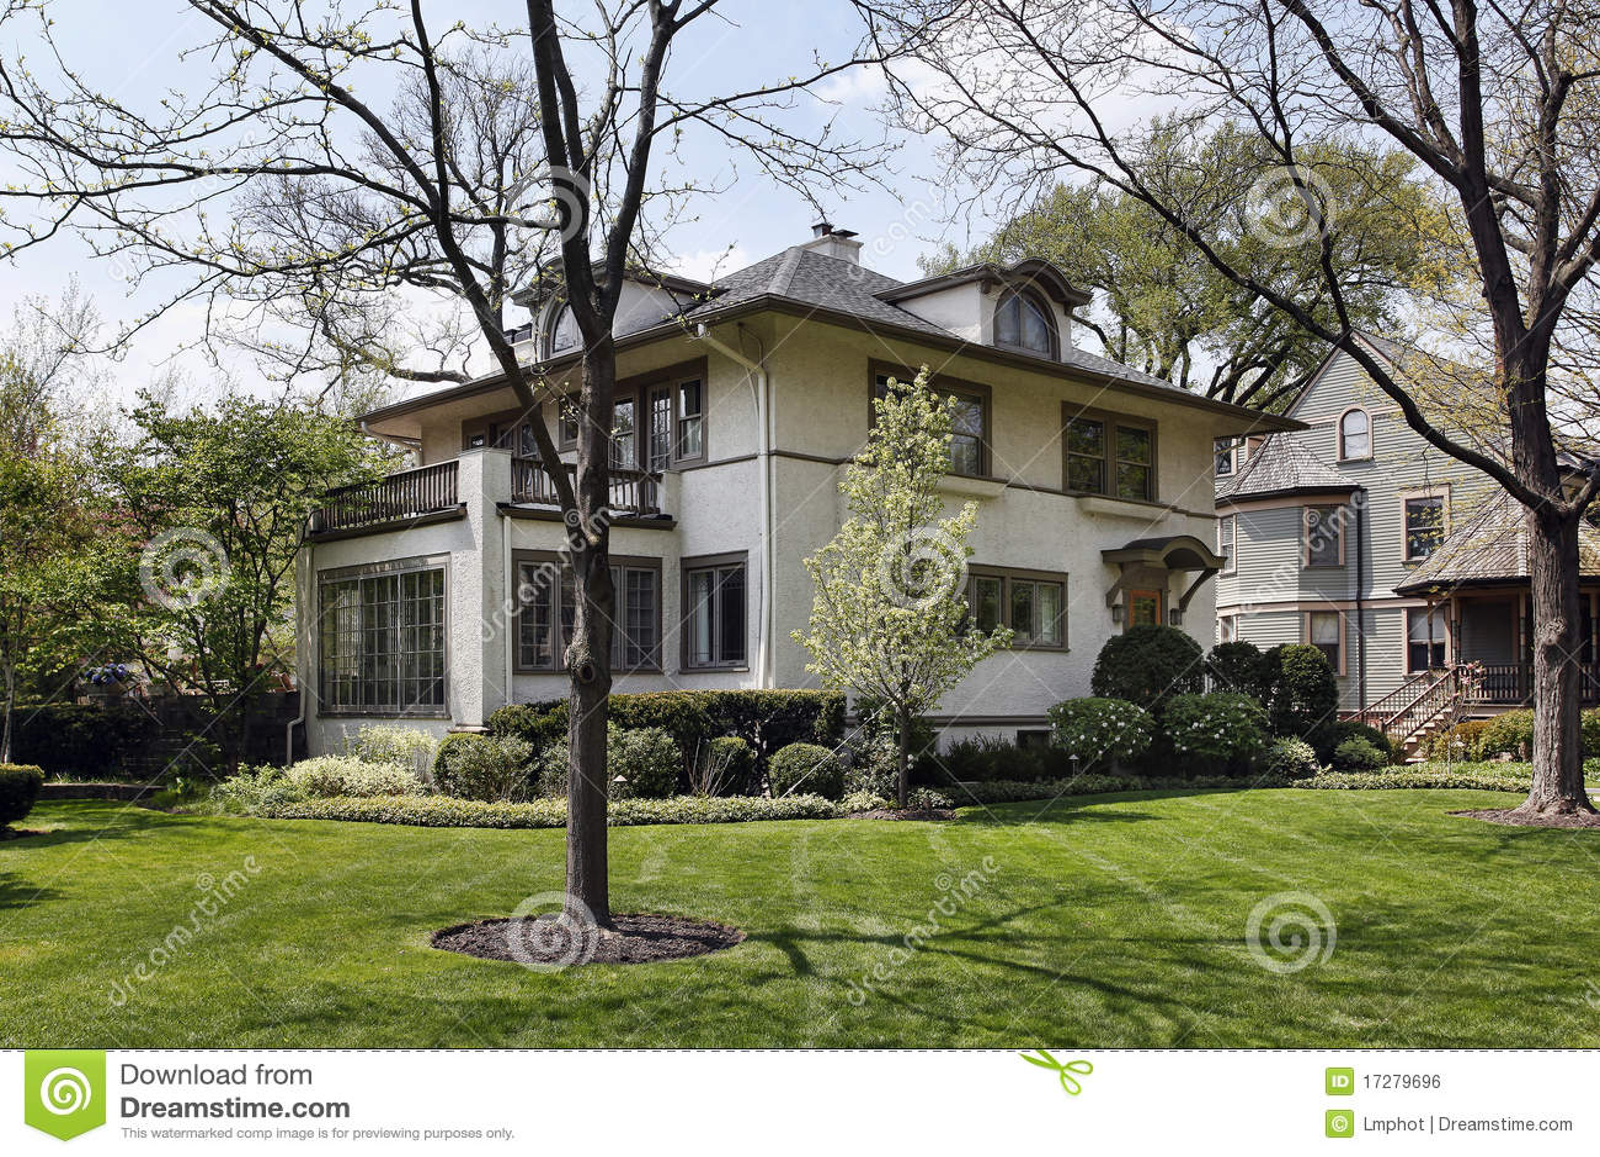 Maison De Luxe Avec Le Balcon De Deuxi Me Tage Image